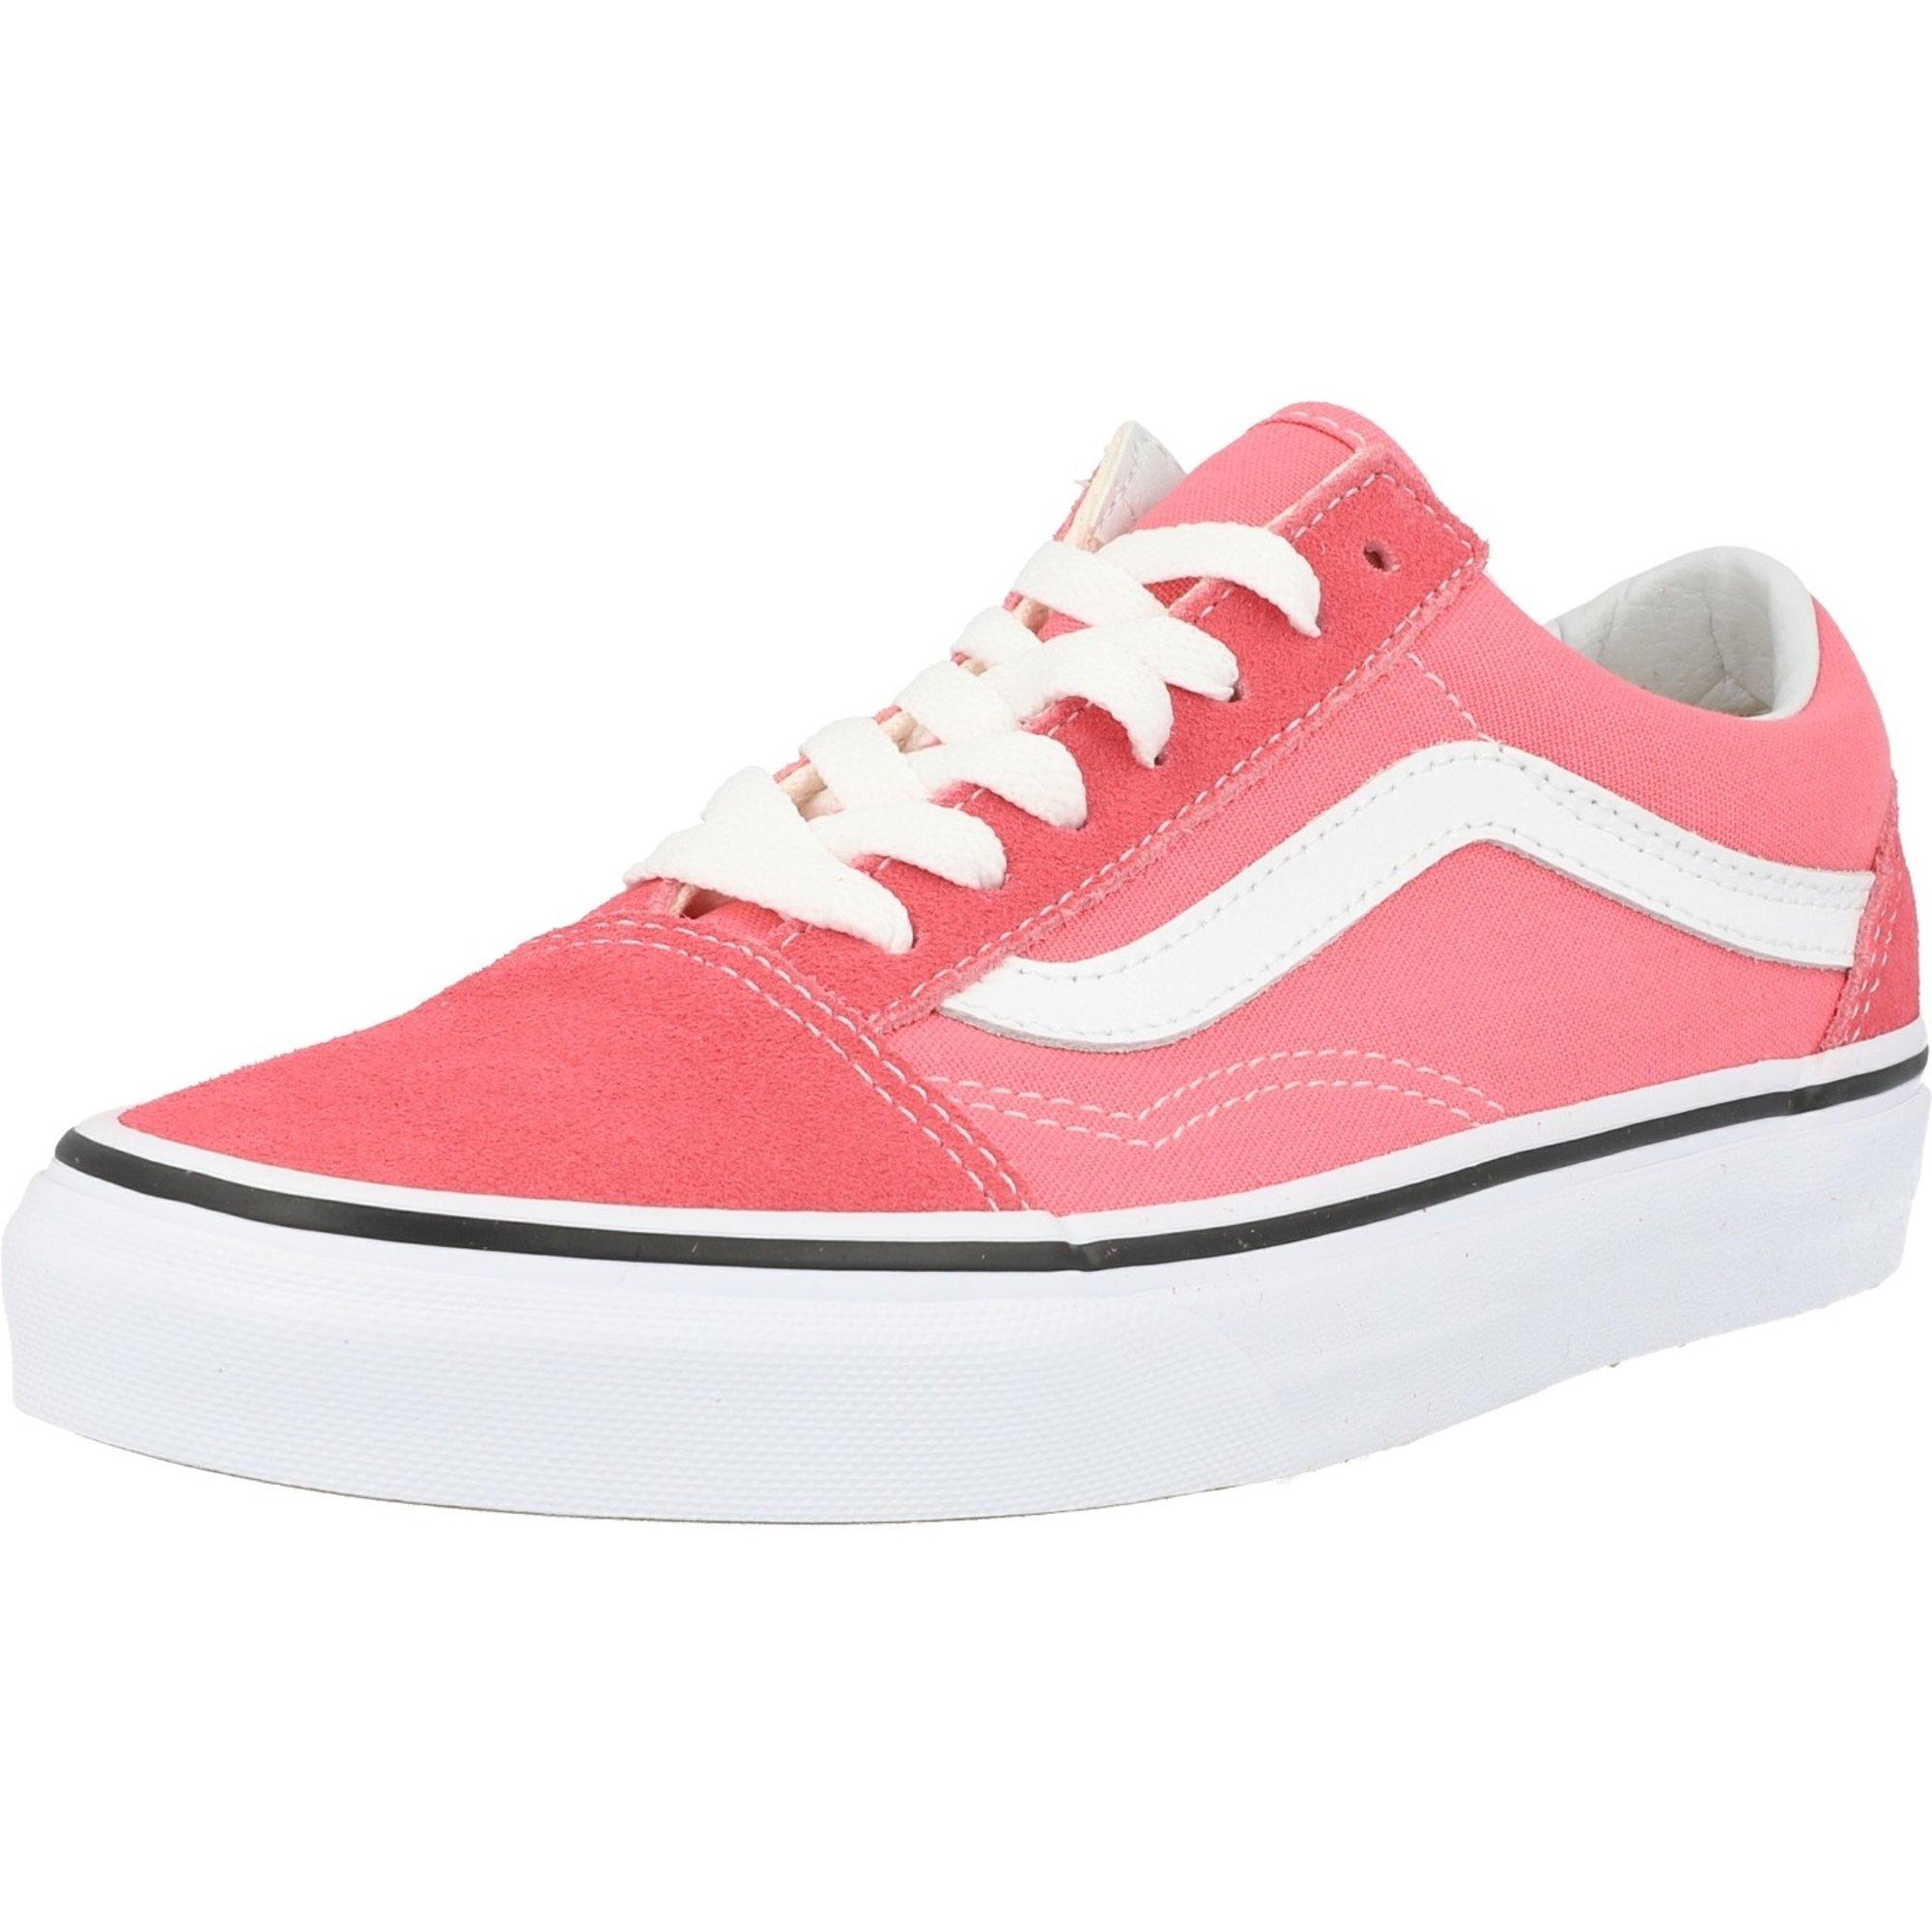 Vans UA Old Skool Strawberry Pink/True